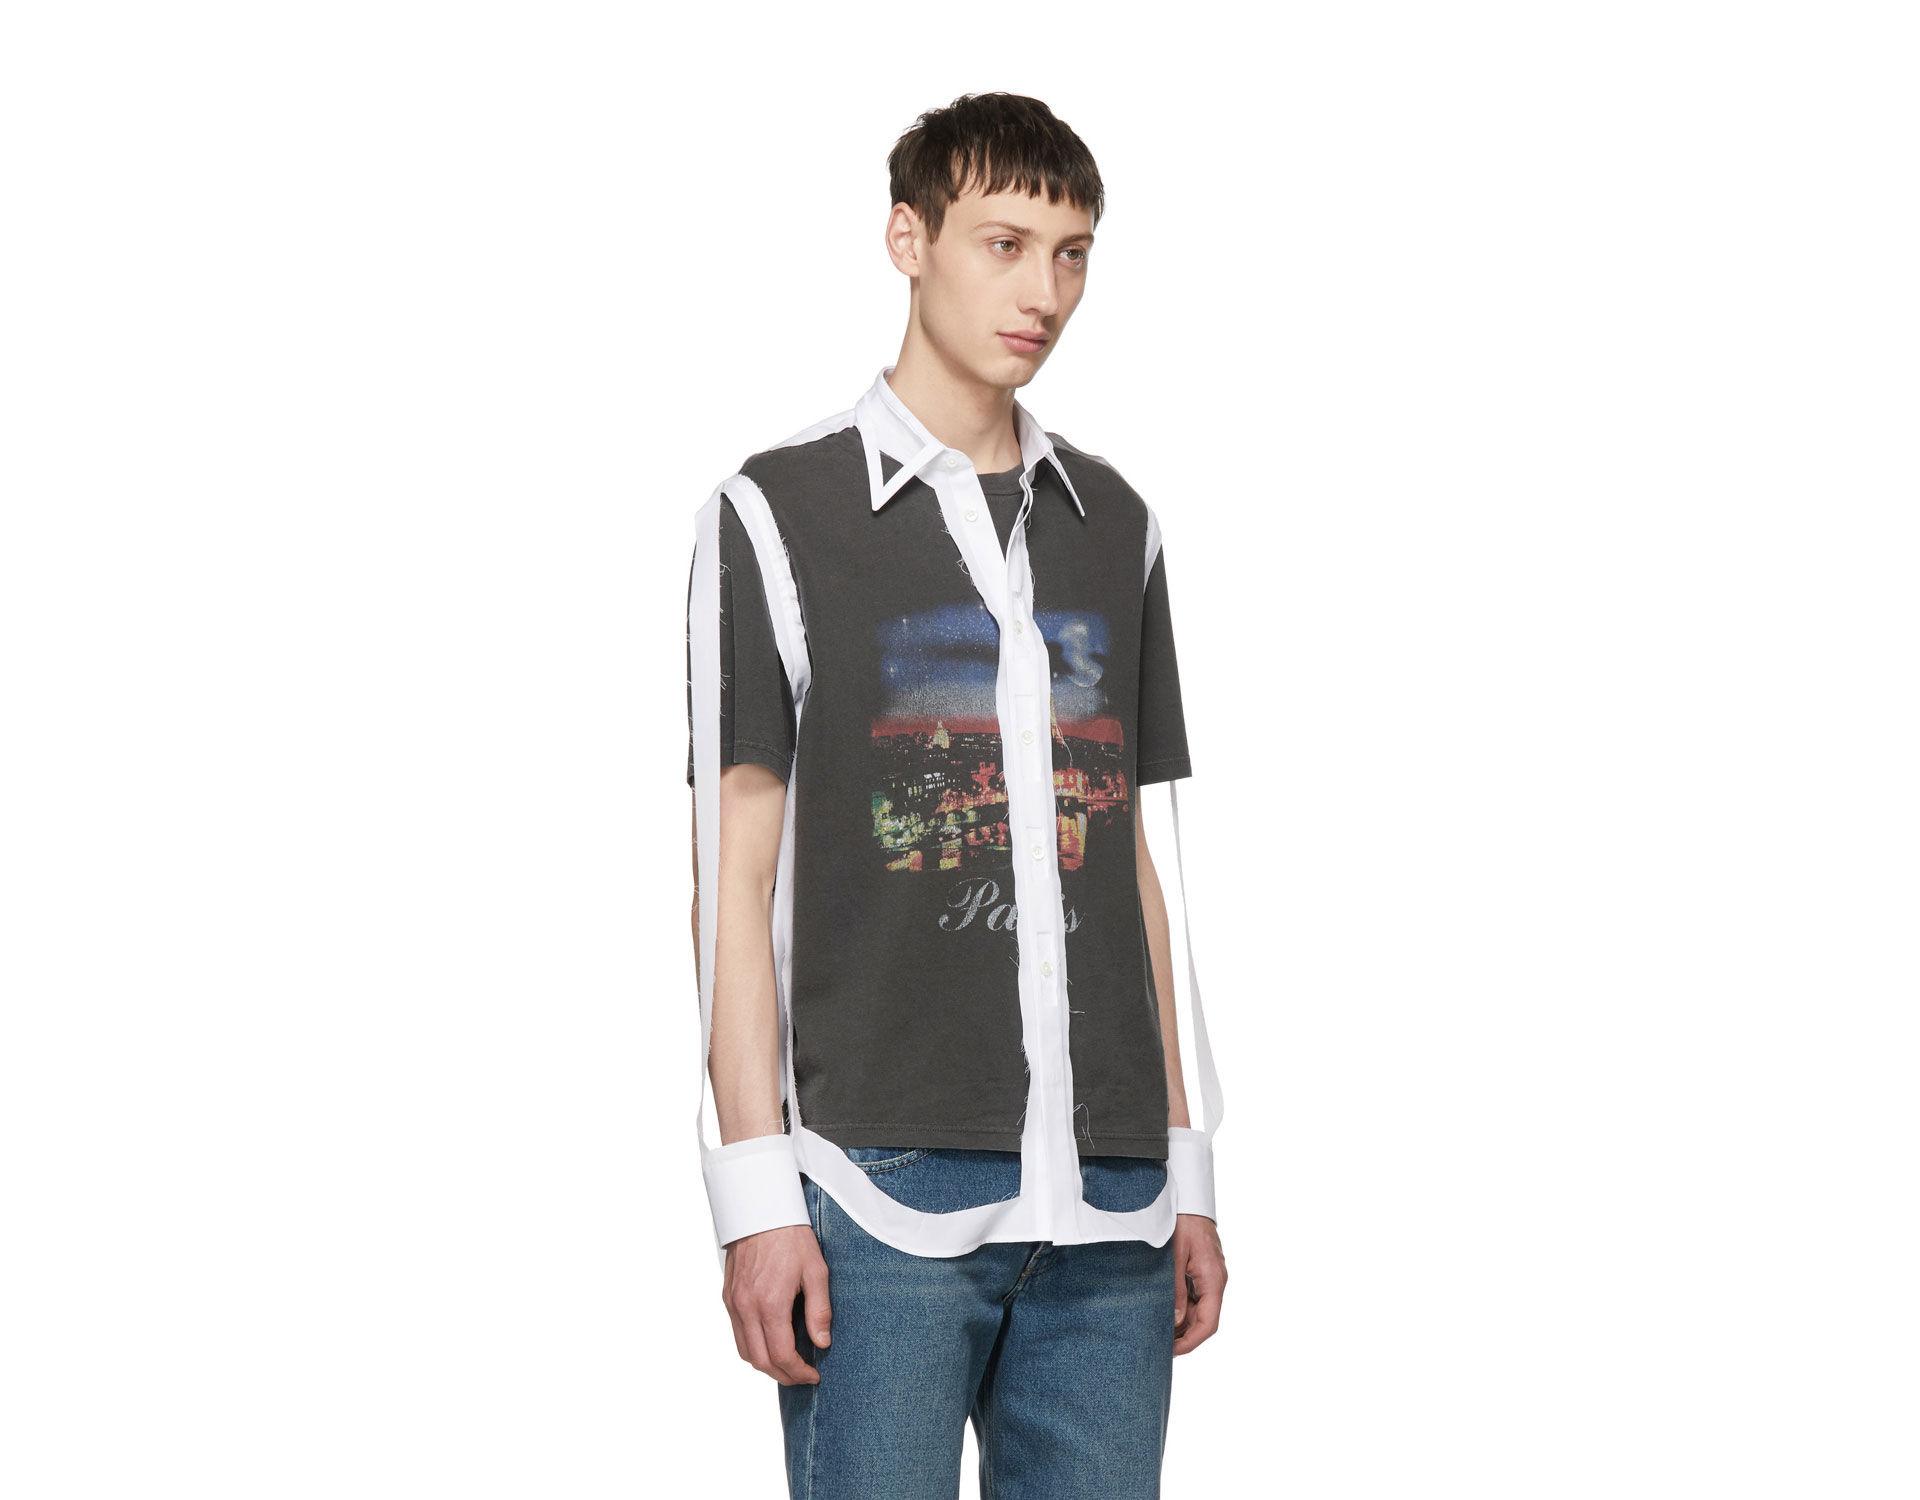 Den här skjortan kostar 1095 dollar